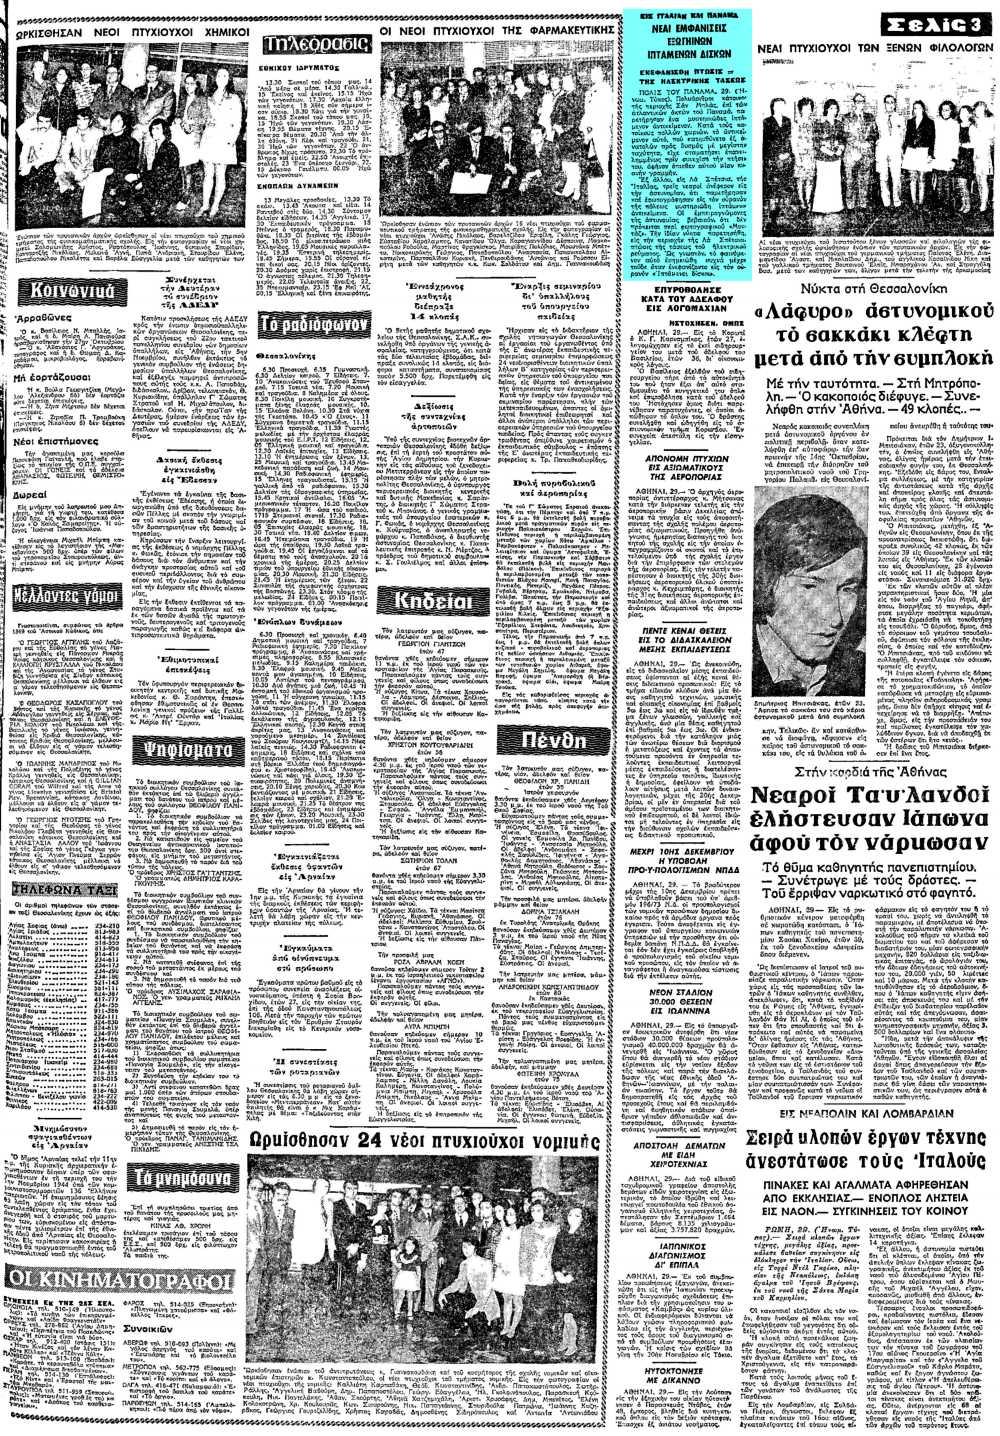 """Το άρθρο, όπως δημοσιεύθηκε στην εφημερίδα """"ΜΑΚΕΔΟΝΙΑ"""", στις 30/10/1973"""